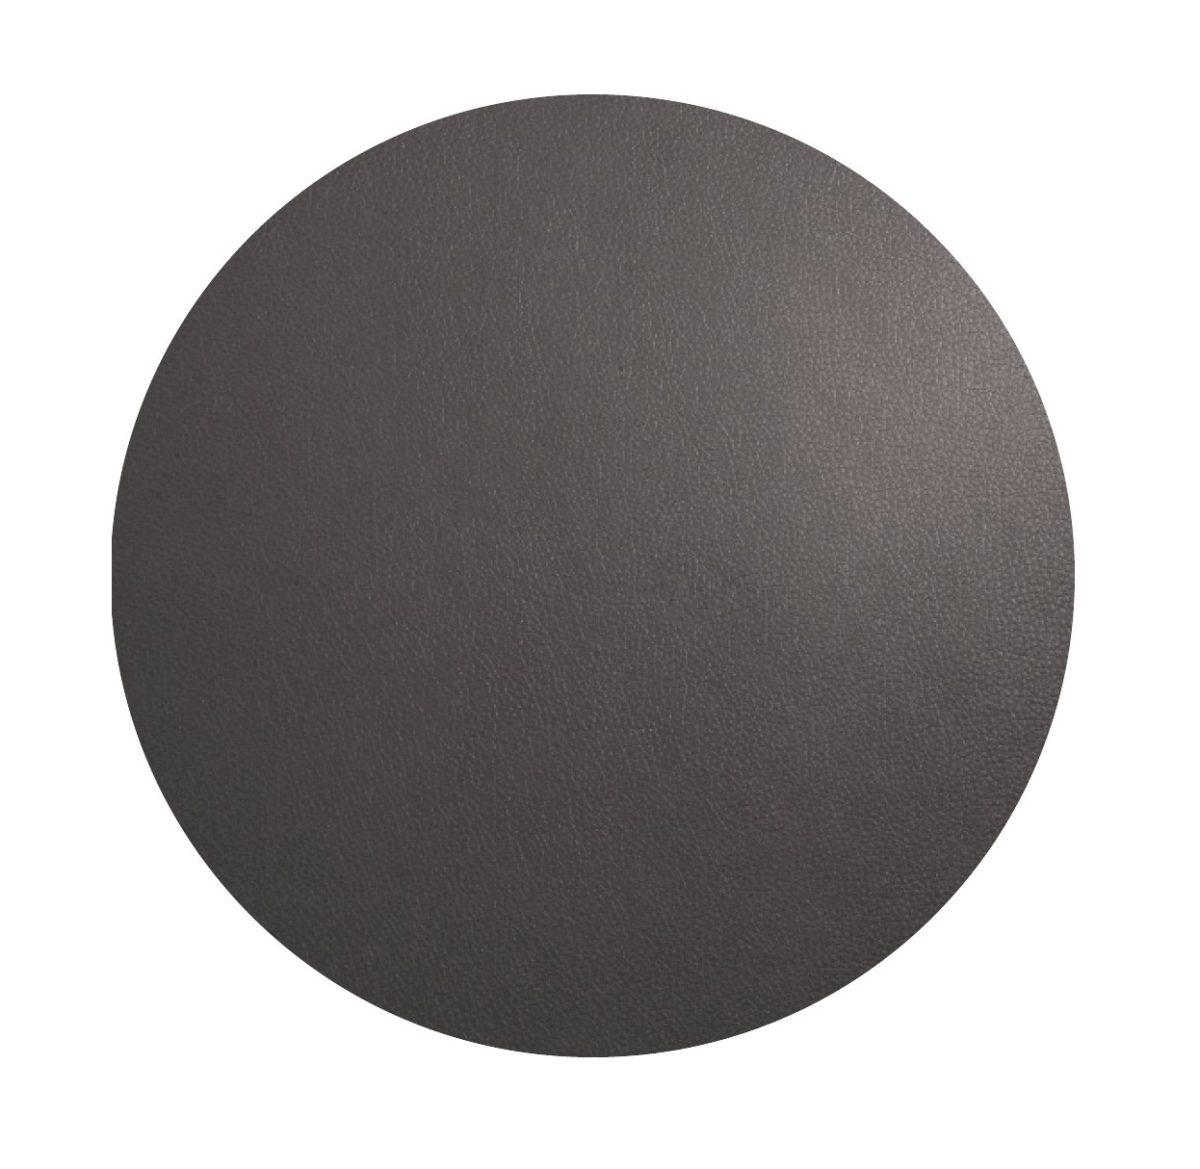 7857420 1200x1169 - Placemat round basalt 38 cm (7857420)